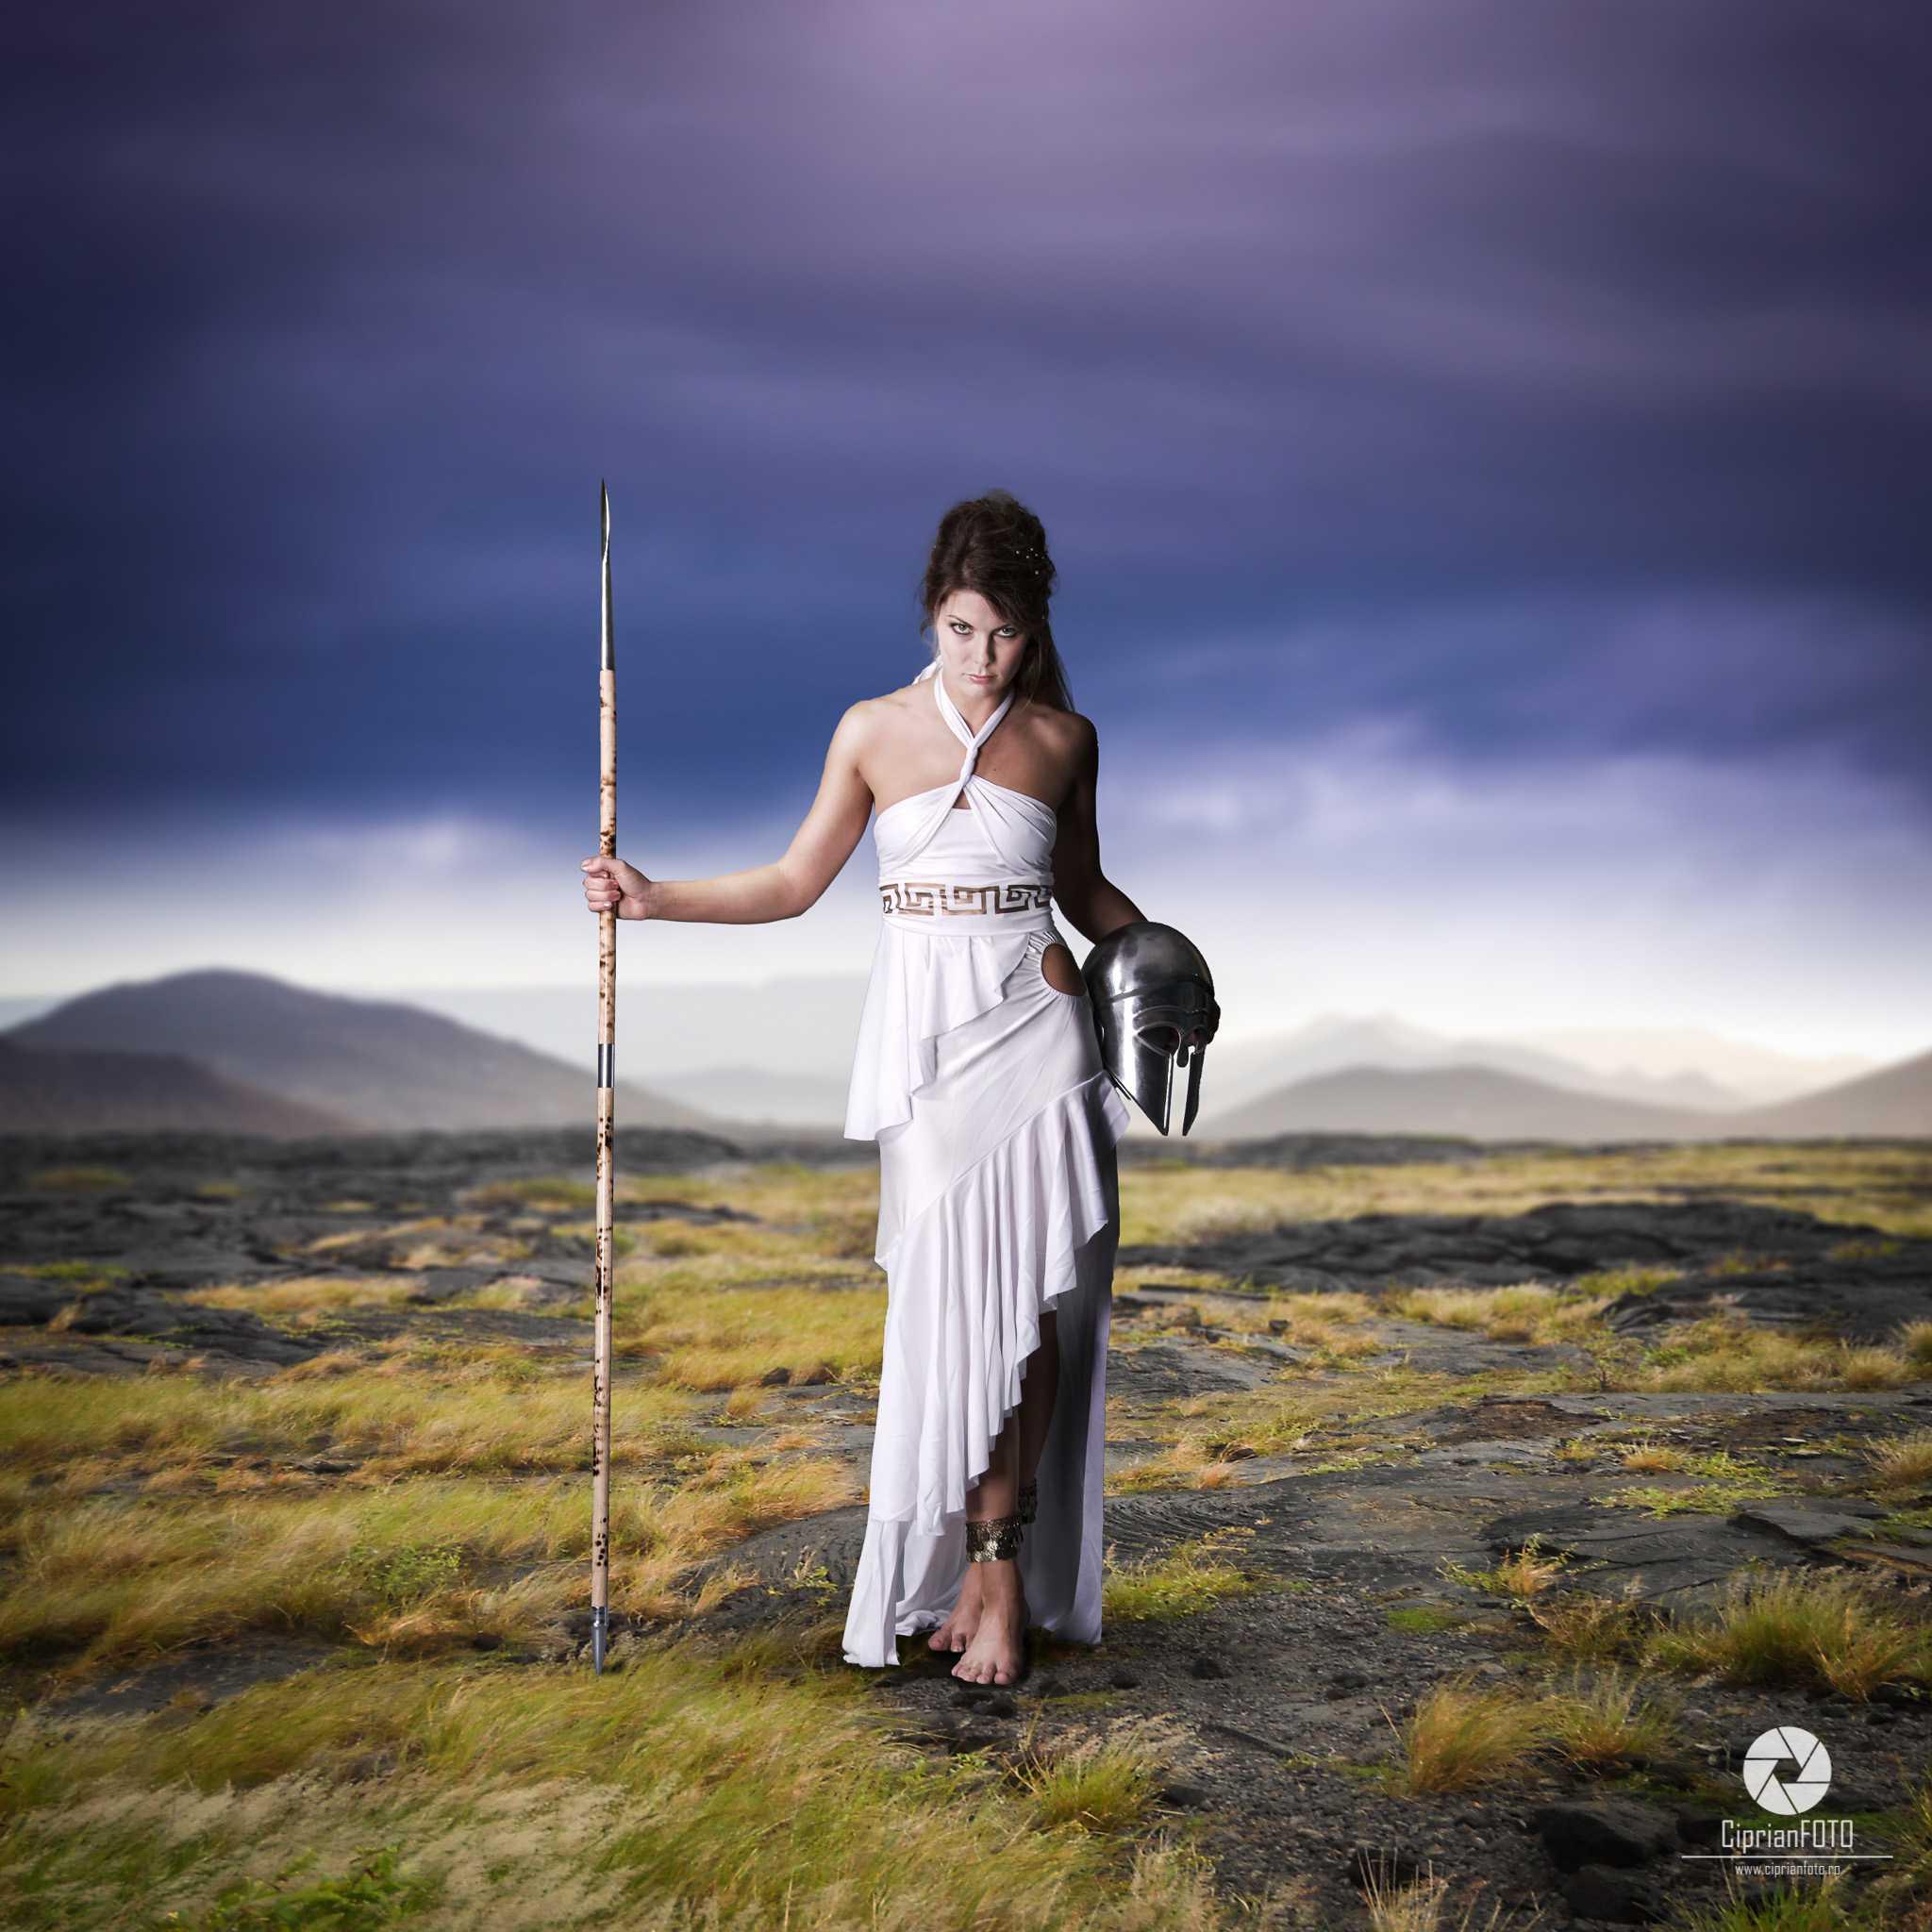 Greek Goddess, Photoshop Manipulation Tutorial, CiprianFOTO